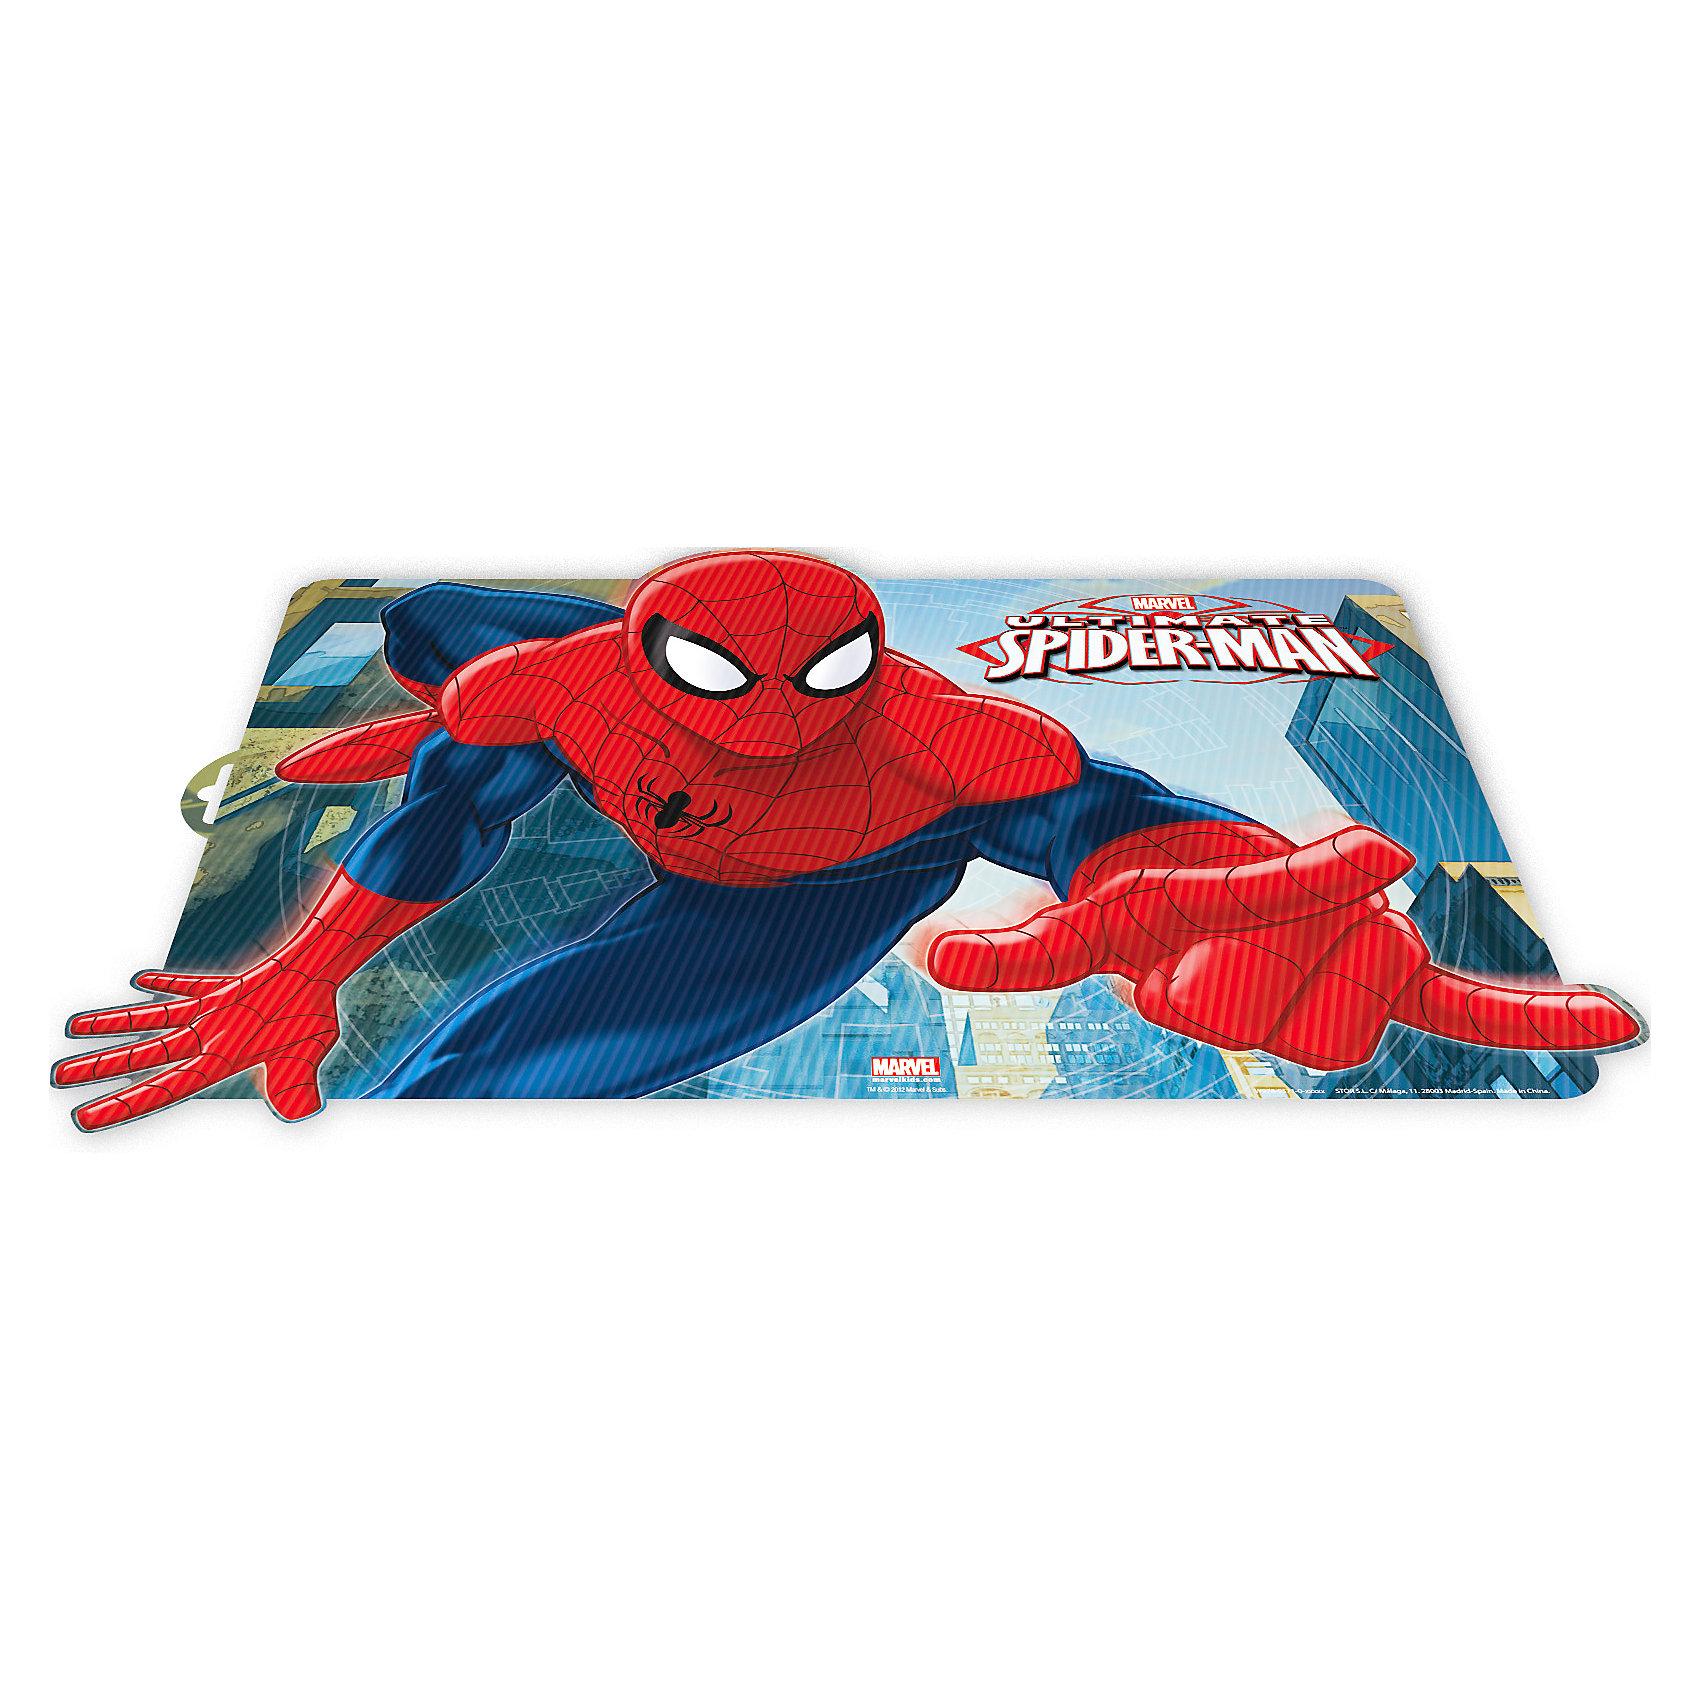 3D-салфетка Человек-Паук 44*29,5 см3D-салфетка Человек-Паук 44*29,5 см - эта салфетка не только украсит стол, но и защитит его от различных повреждений.<br>Термосалфетка под столовые приборы, оформленная 3D рисунком с изображением Человек Паука идеально впишется в интерьер любой кухни. Она будет незаменимым и полезным аксессуаром, так как защитит поверхность столешницы от воздействия высоких температур и повреждений, и уменьшит шум от посуды. Ваш стол будет украшен яркой красочной салфеткой, а оригинальный рисунок поднимет аппетит и настроение вам и вашему ребенку! Салфетка проста в уходе, легко моется и быстро сохнет. Обладает отличной износостойкостью и водонепроницаемостью.<br><br>Дополнительная информация:<br><br>- Размер: 44х29,5 см.<br>- Материал: термоустойчивый, экологически чистый полипропилен<br><br>3D-салфетку Человек-Паук 44*29,5 см можно купить в нашем интернет-магазине.<br><br>Ширина мм: 490<br>Глубина мм: 330<br>Высота мм: 50<br>Вес г: 49<br>Возраст от месяцев: 36<br>Возраст до месяцев: 144<br>Пол: Мужской<br>Возраст: Детский<br>SKU: 4603877